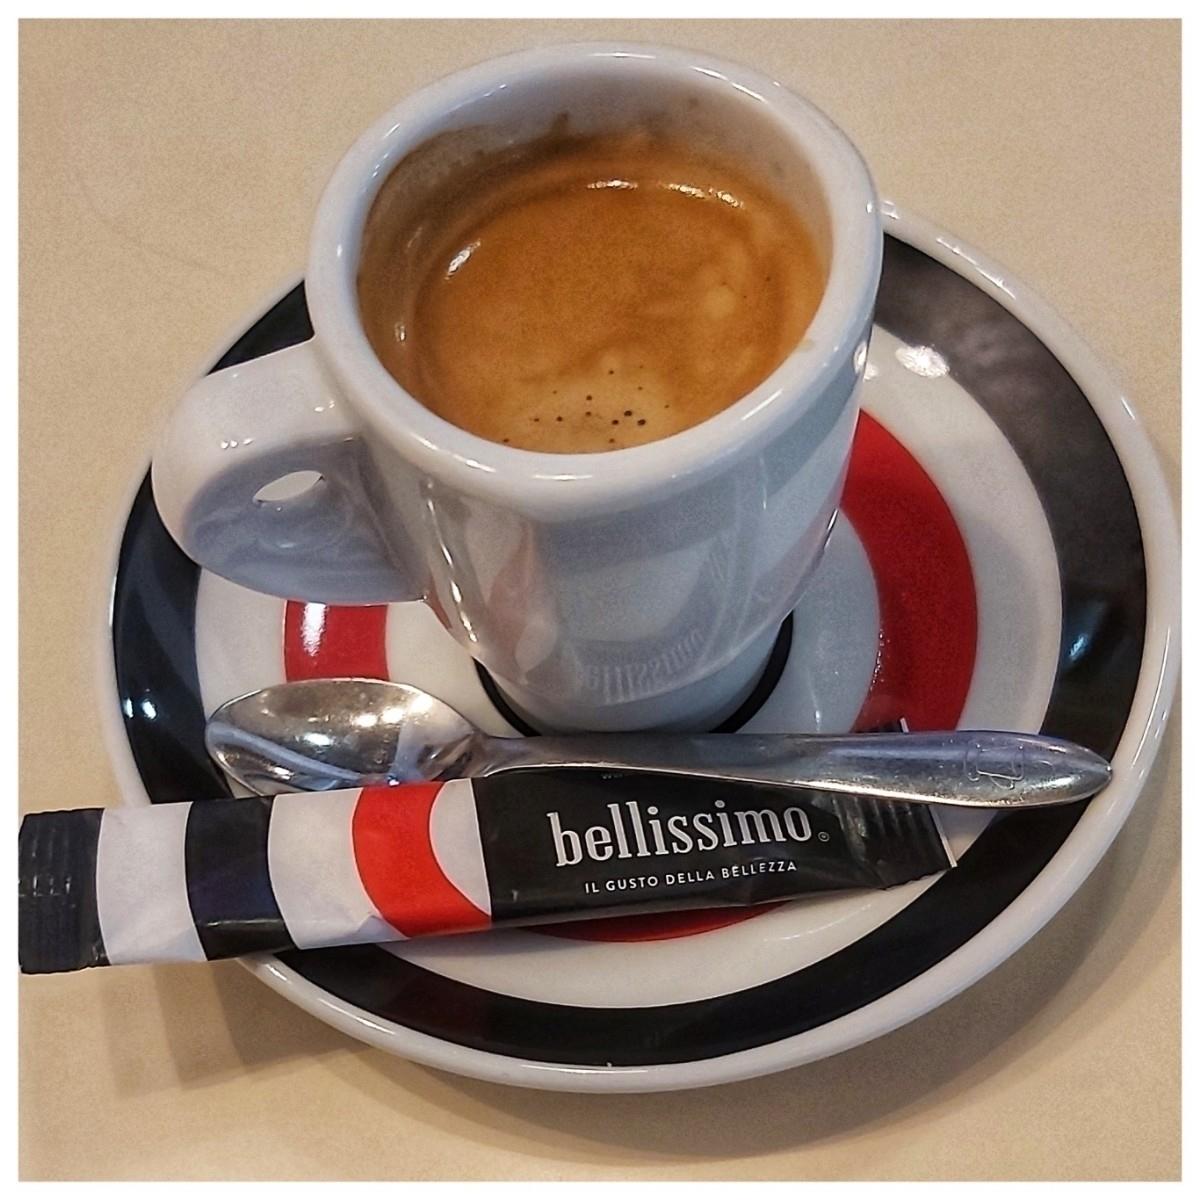 time part year. coffee nata - keithdevereux | ello